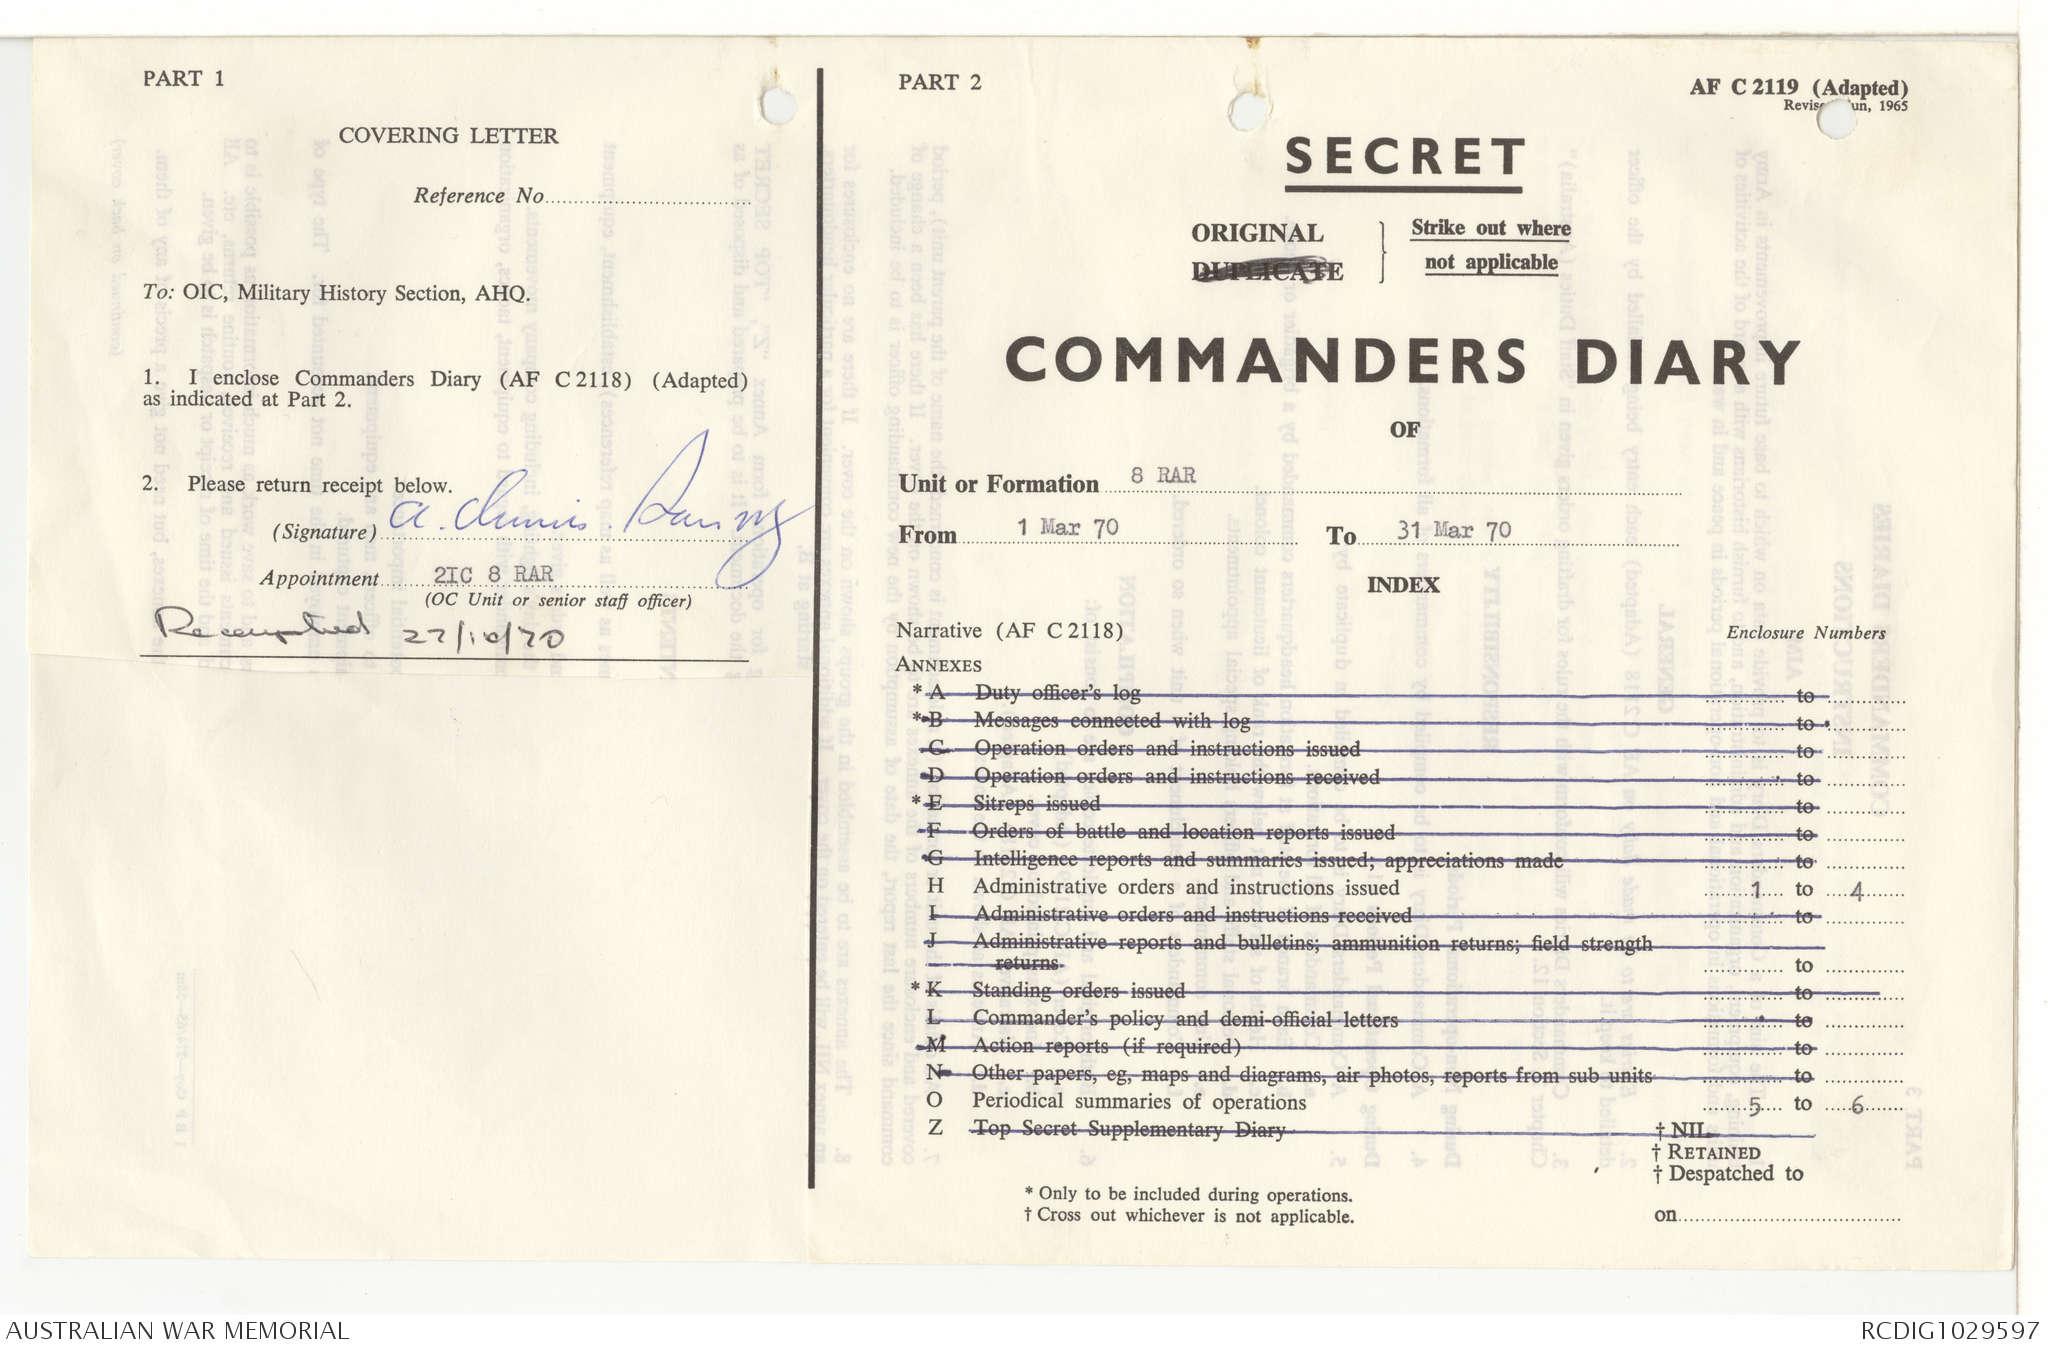 AWM95 7/8/7 - 1-31 March 1970, Narrative, Annexes | The Australian ...